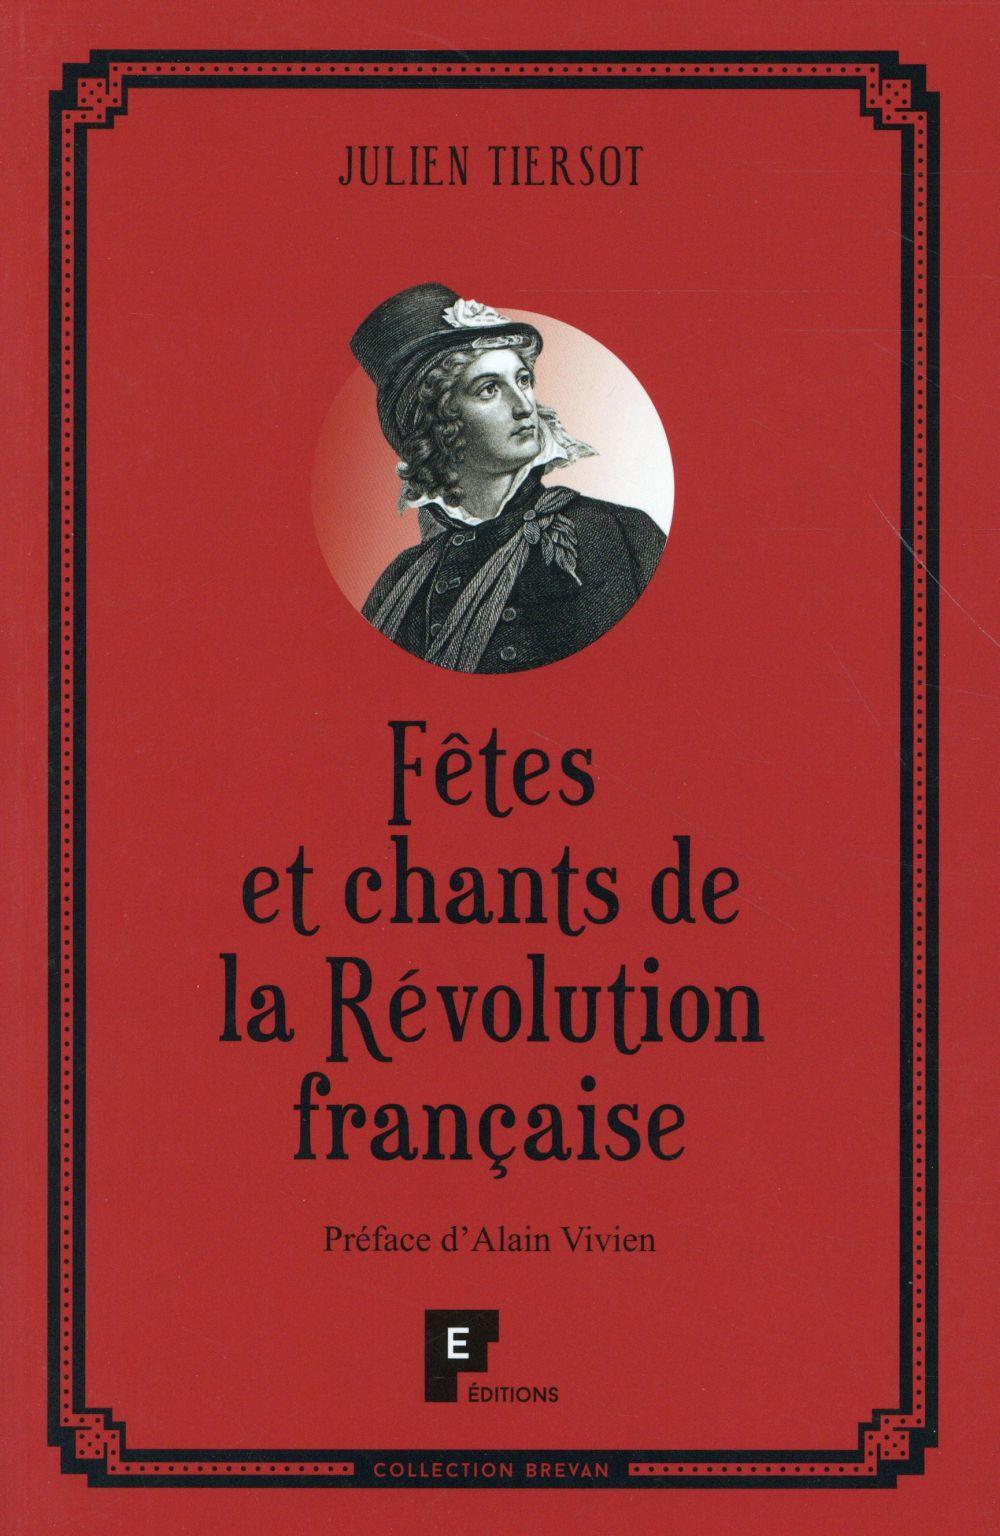 Fêtes et chants de la Révolution française